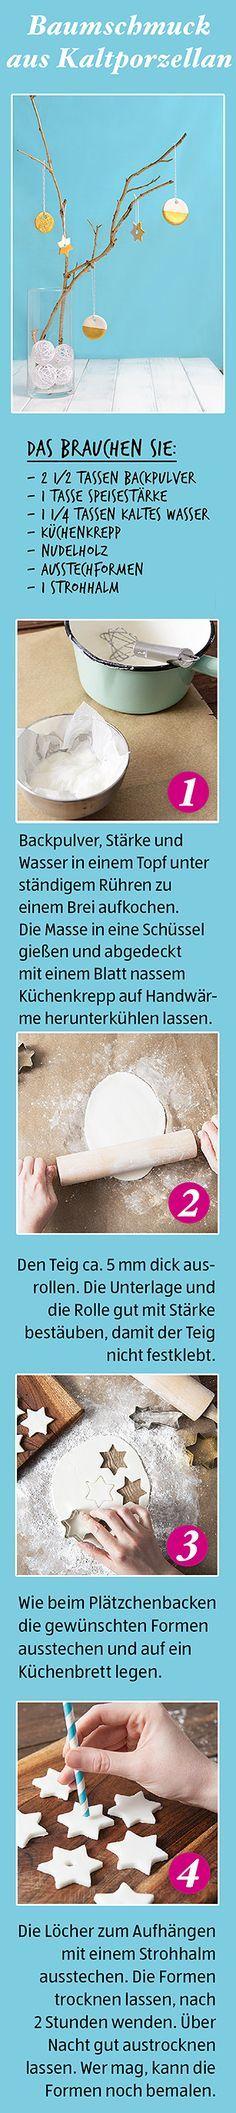 DIY Baumschmuck